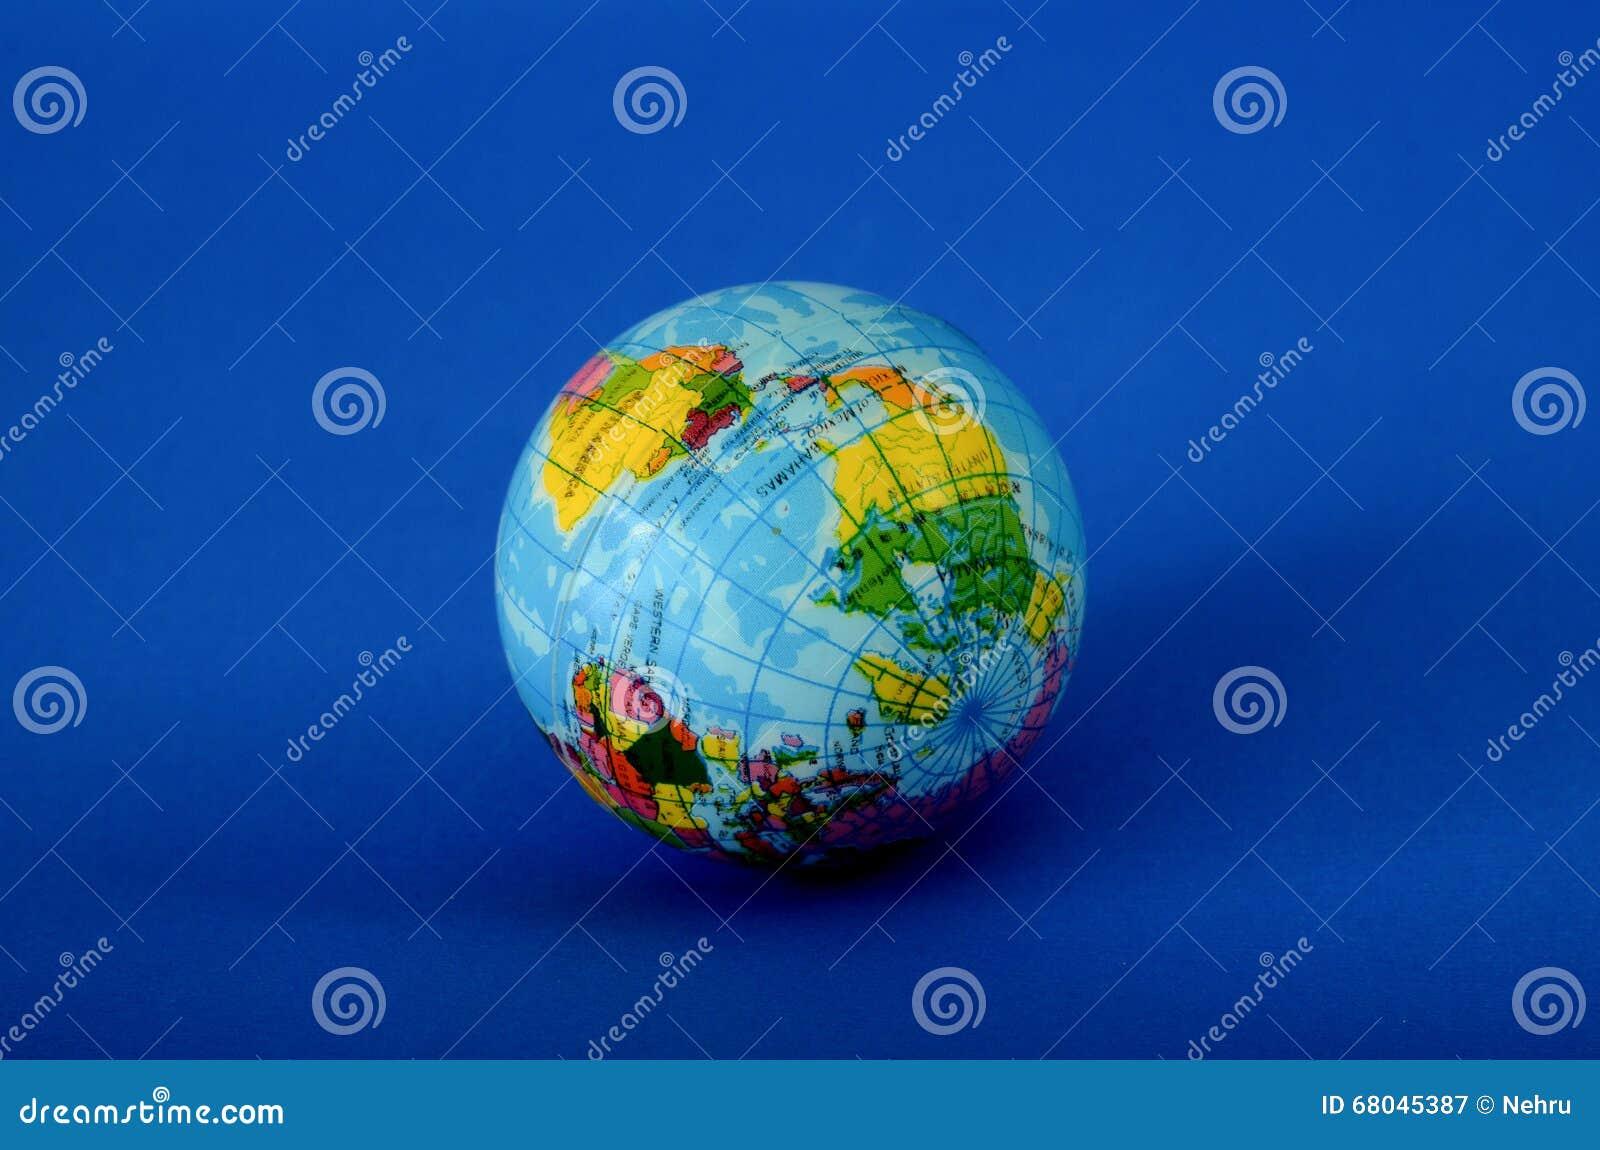 Globus-Spielzeugball